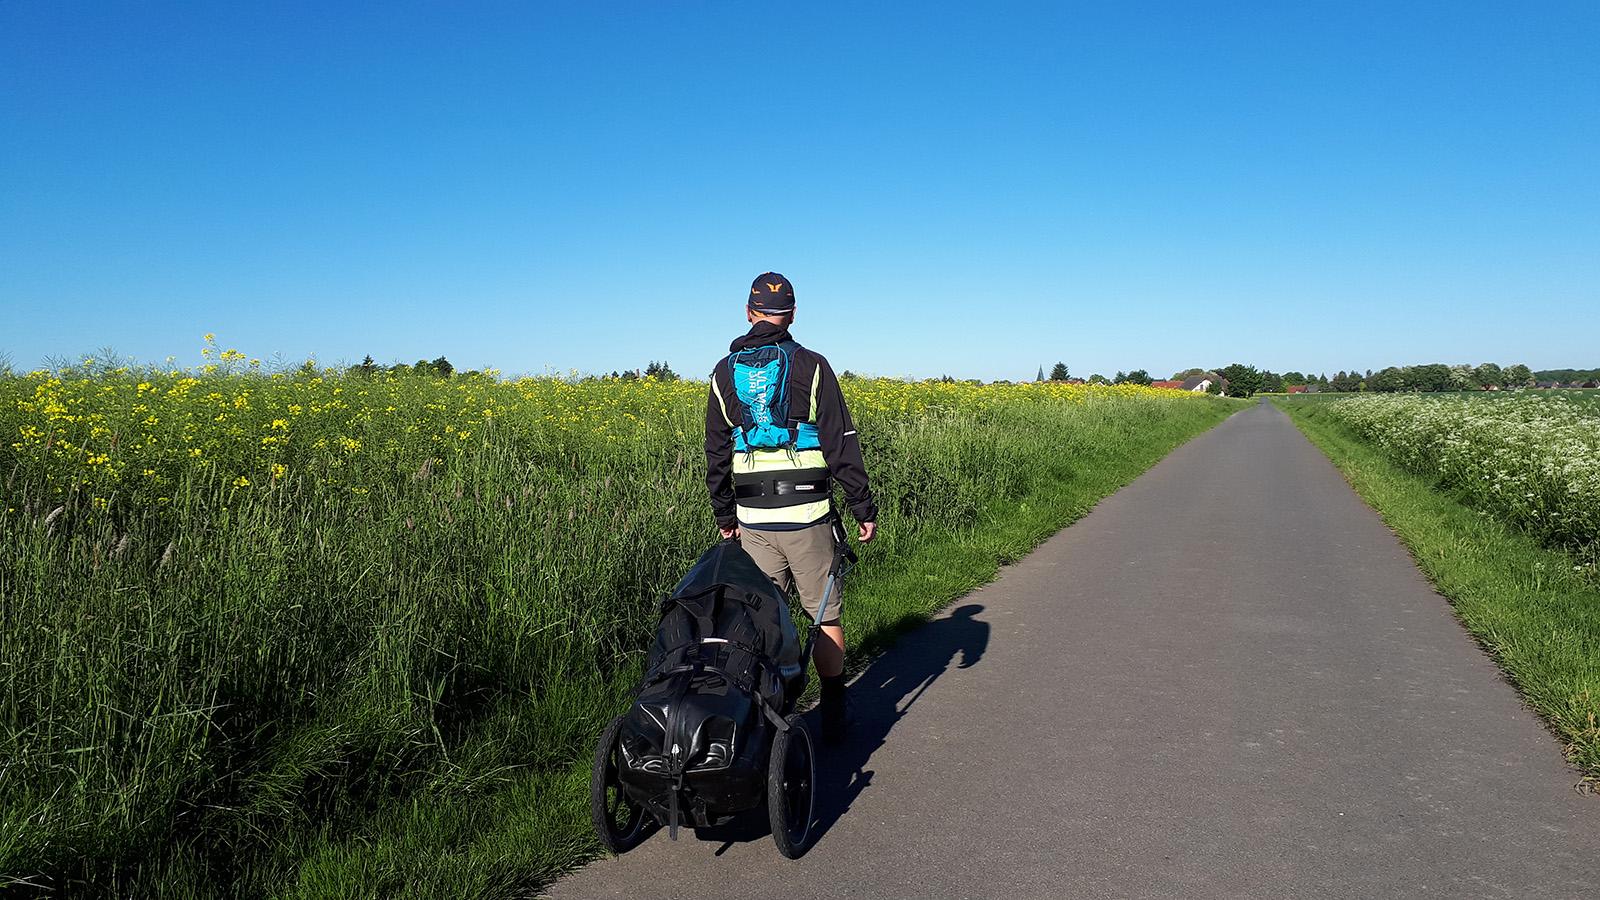 Wanderer mit Pilgerwagen vor Rapsfeld